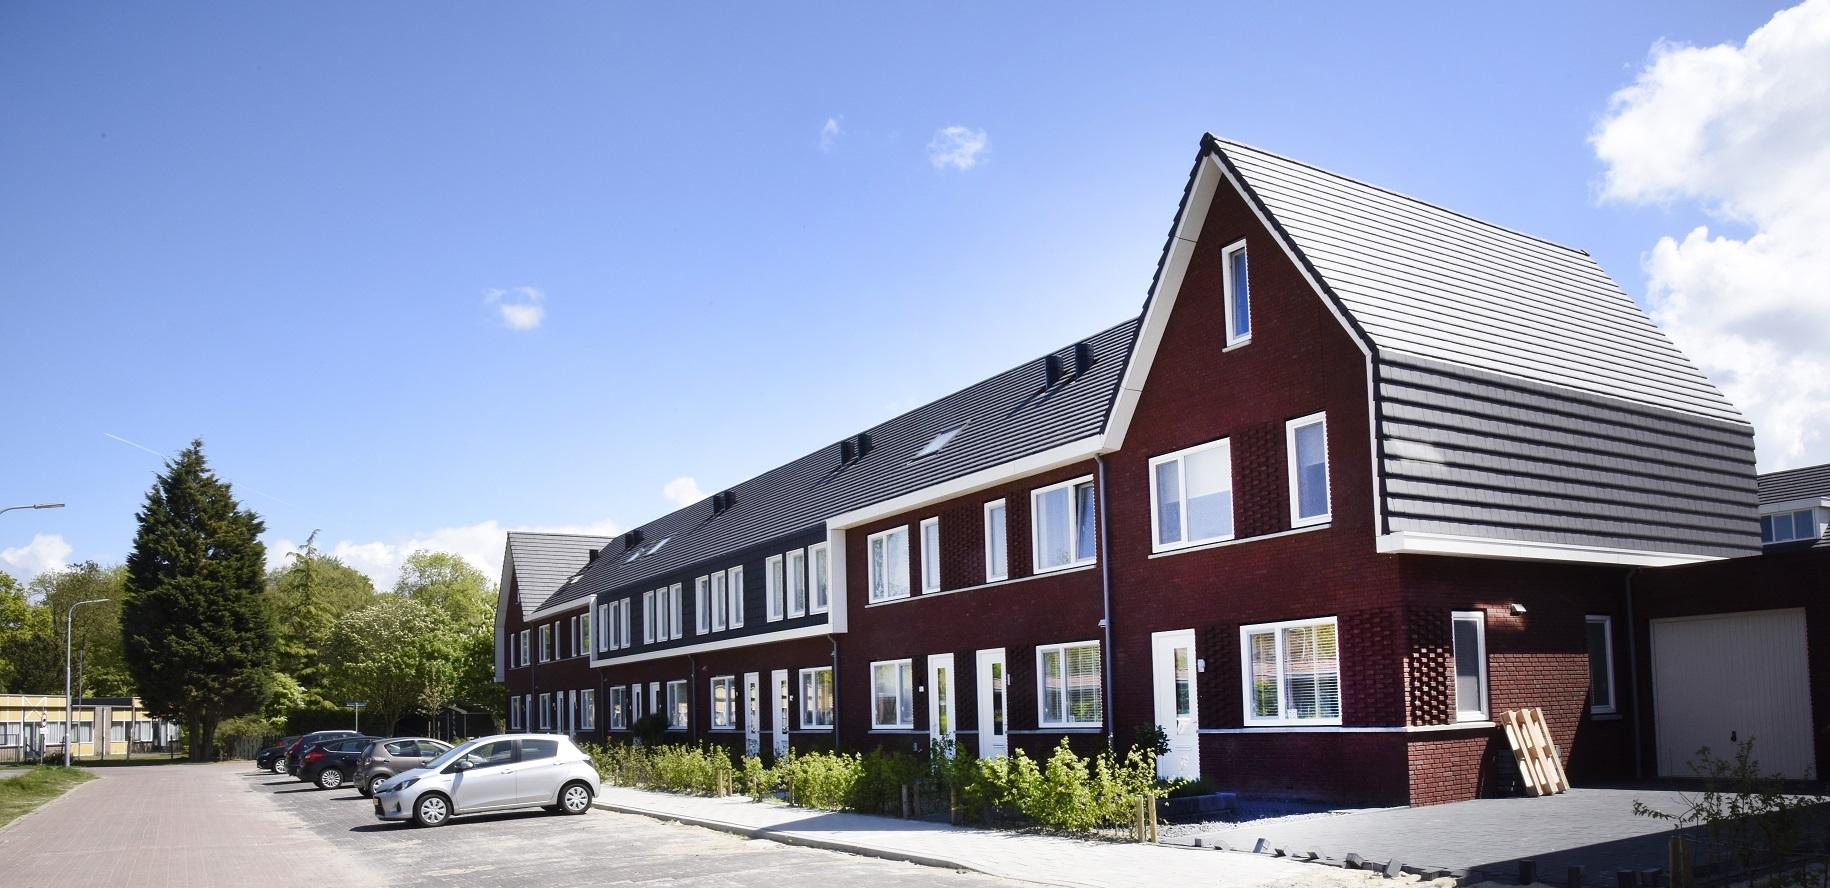 Rittenburg Middelburg